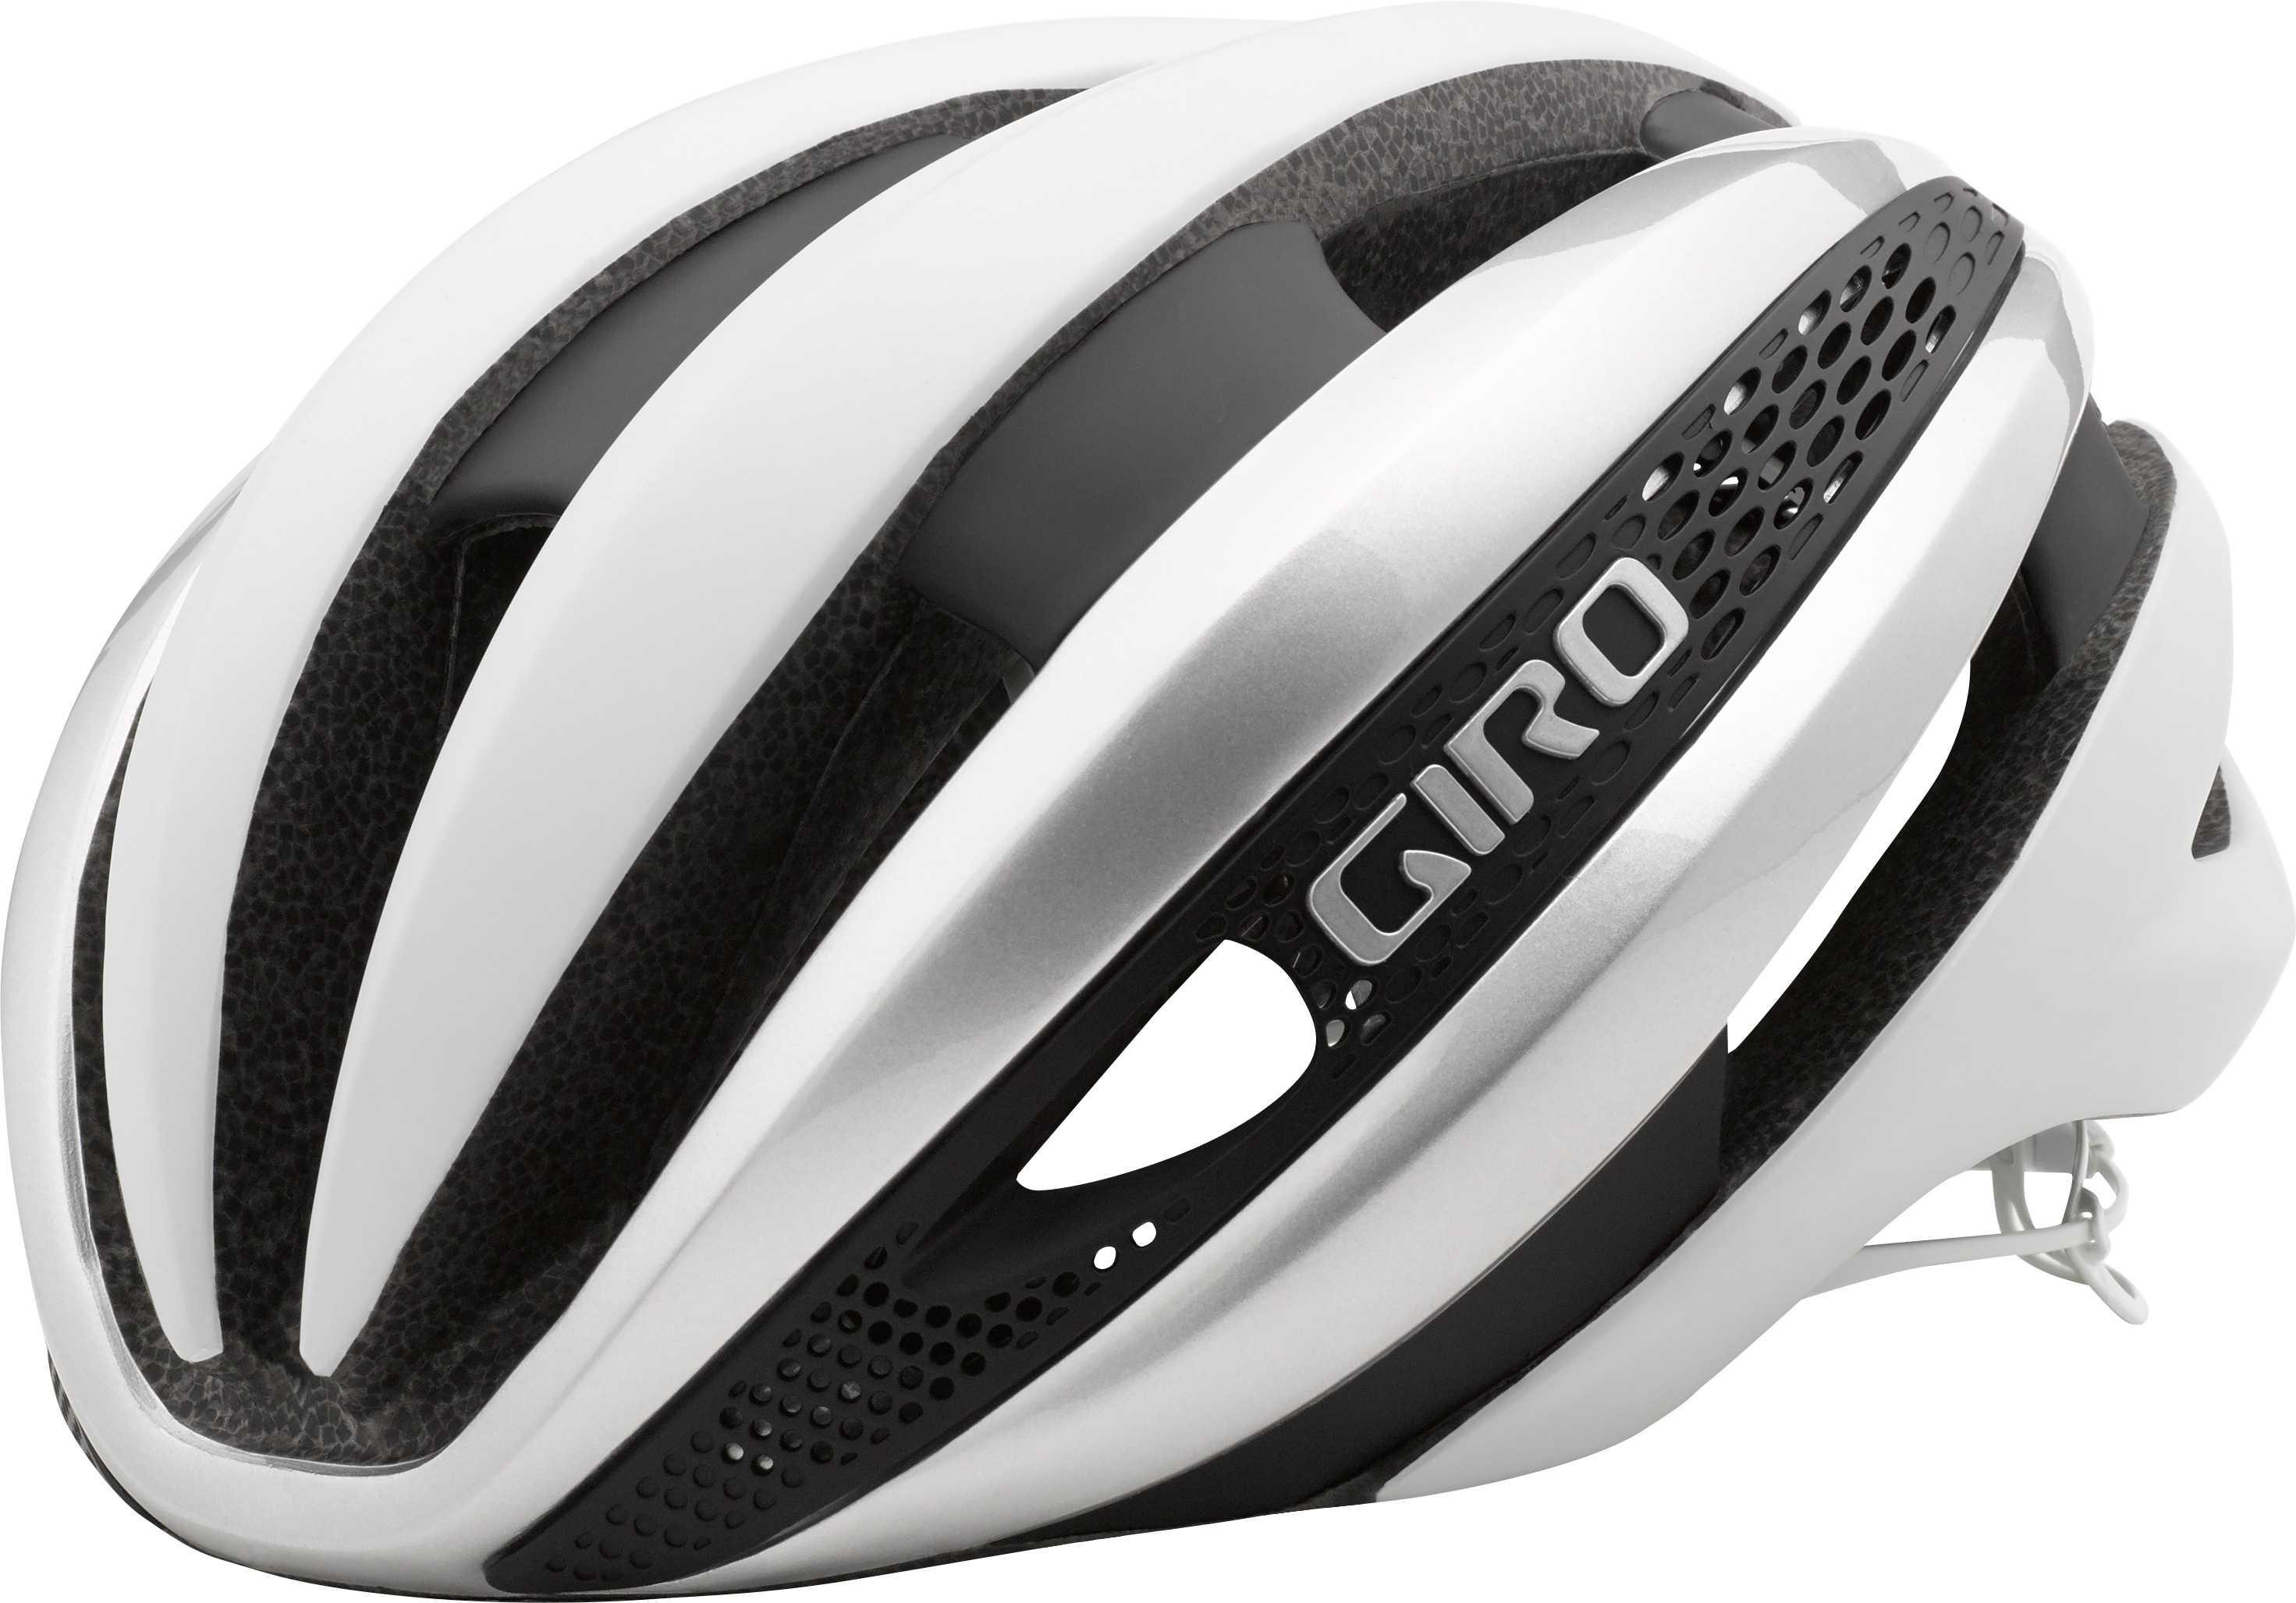 Giro cykelhjälmar du kan köpa online  92784947304de